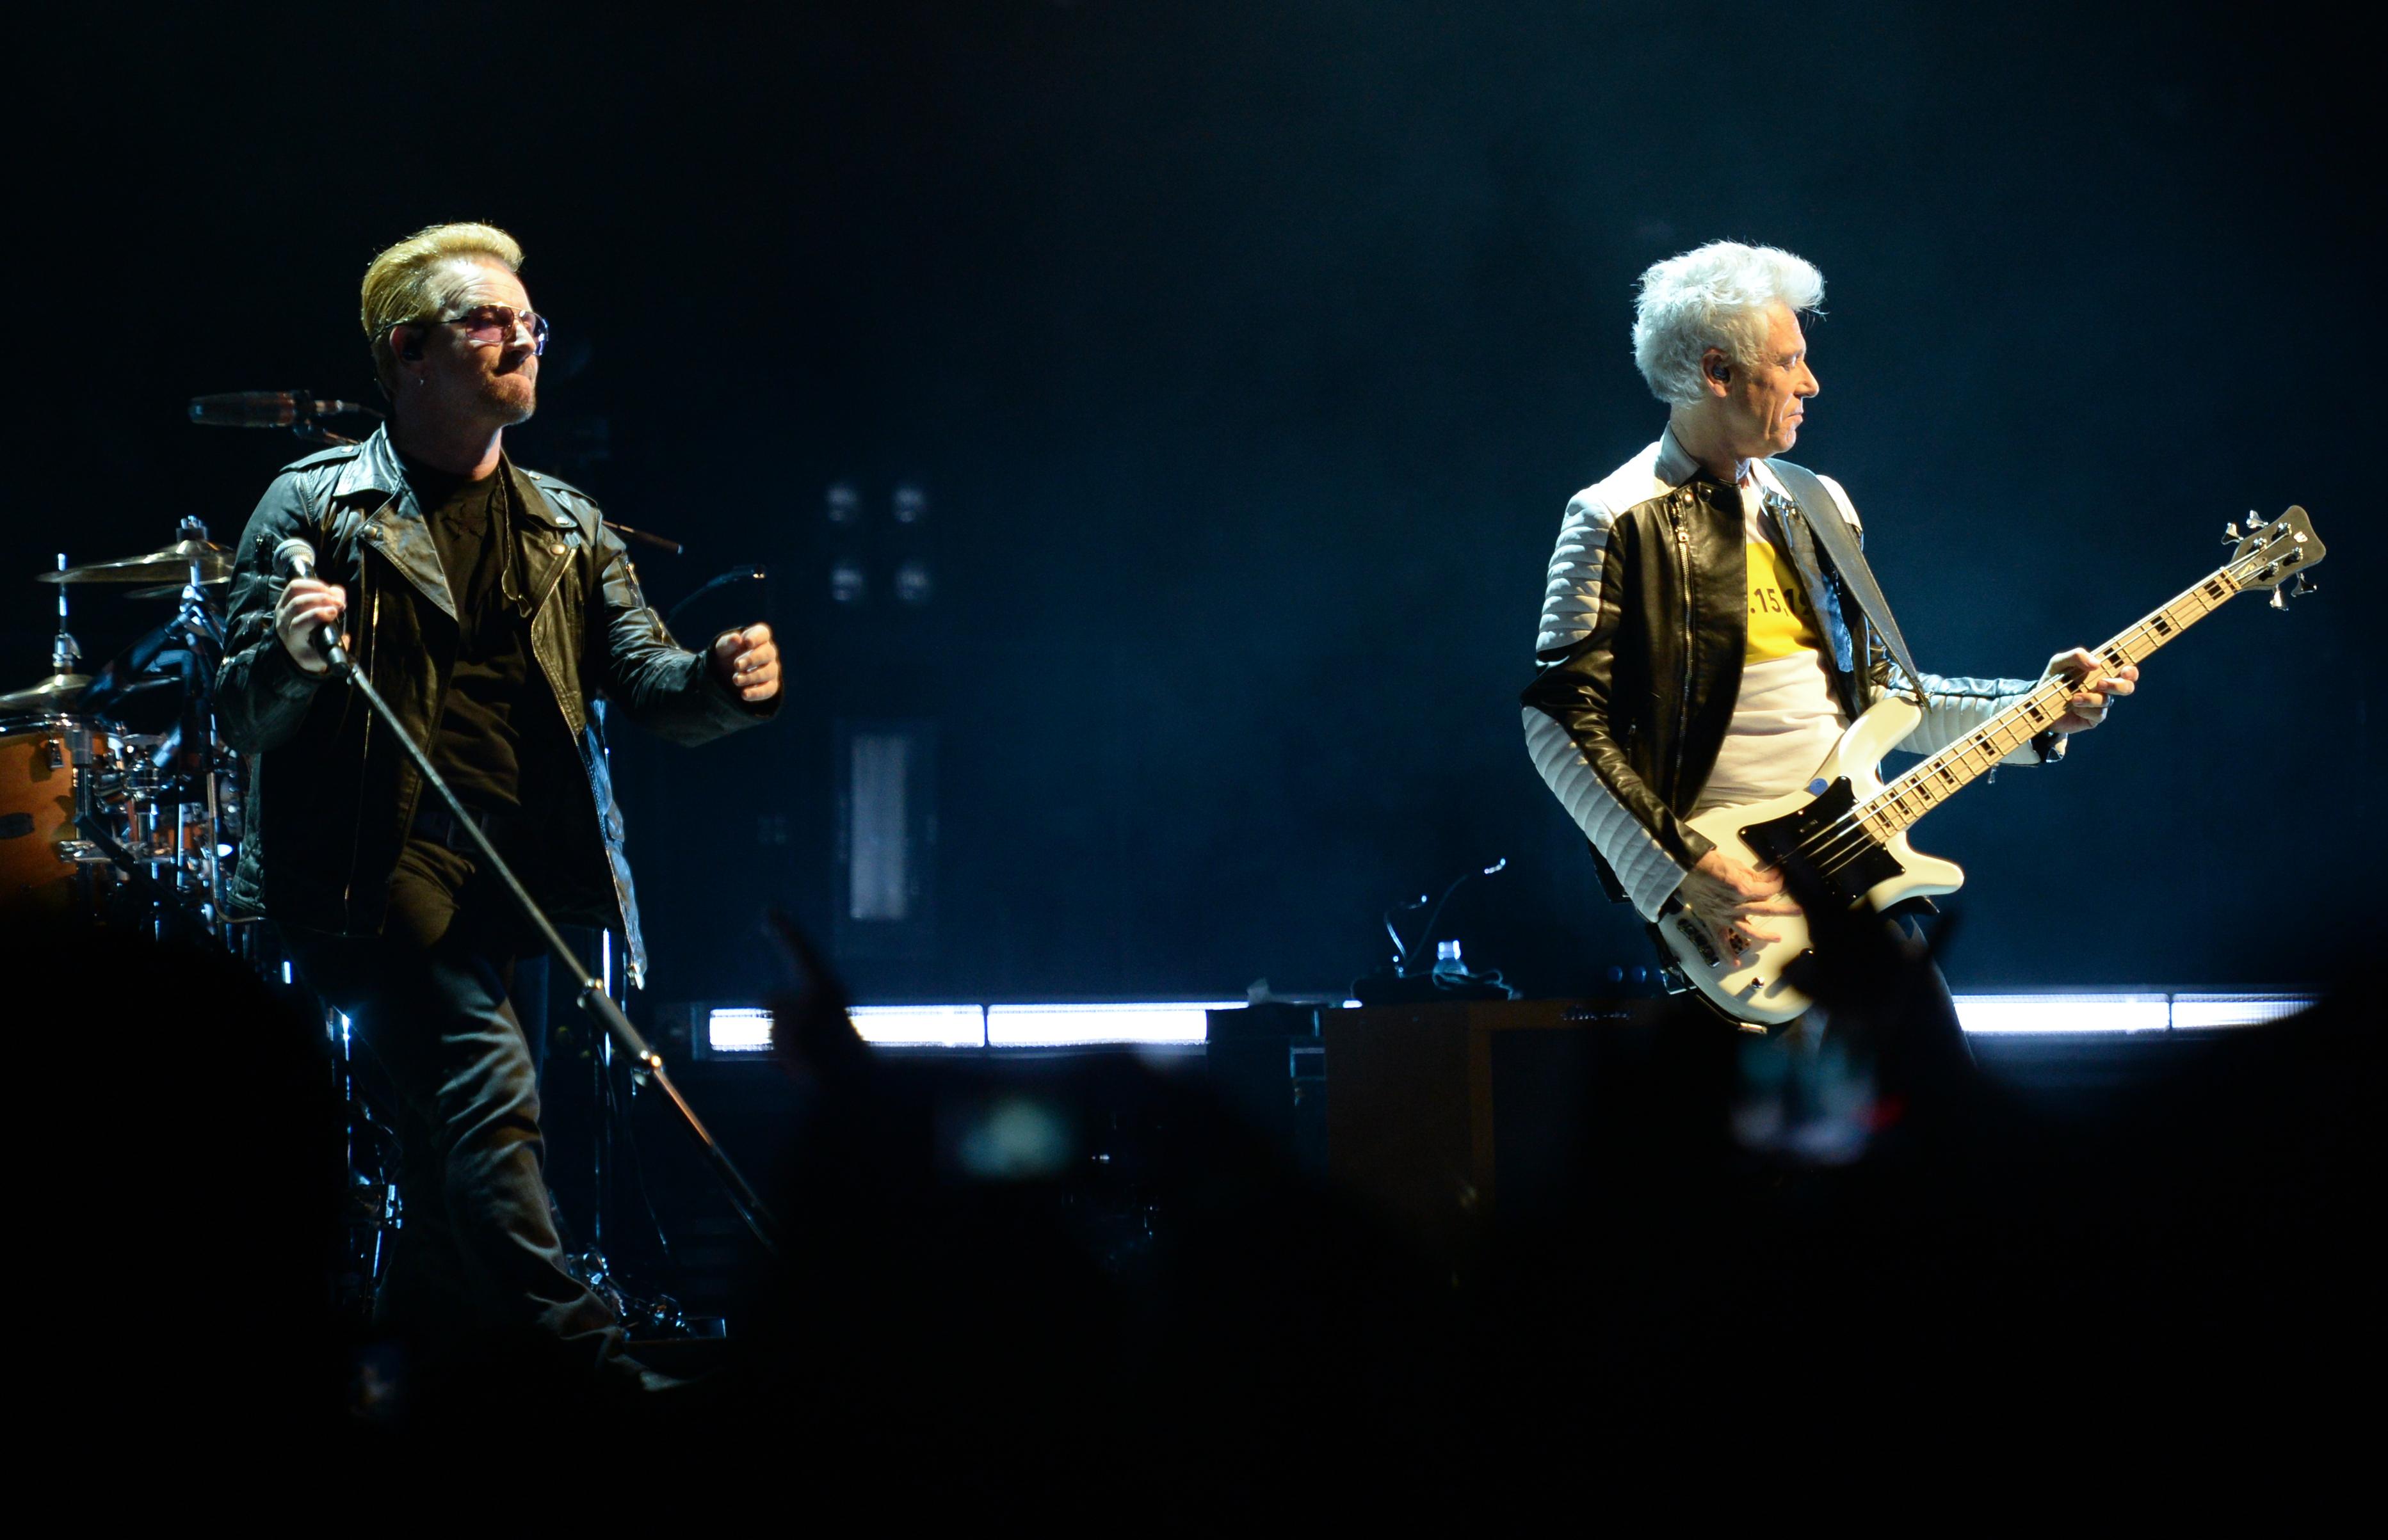 Der Sänger Bono (Paul David Hewson, l) und der Gitarrist David Howell Evans der irischen Rockband U2 stehen am 24.09.2015 in